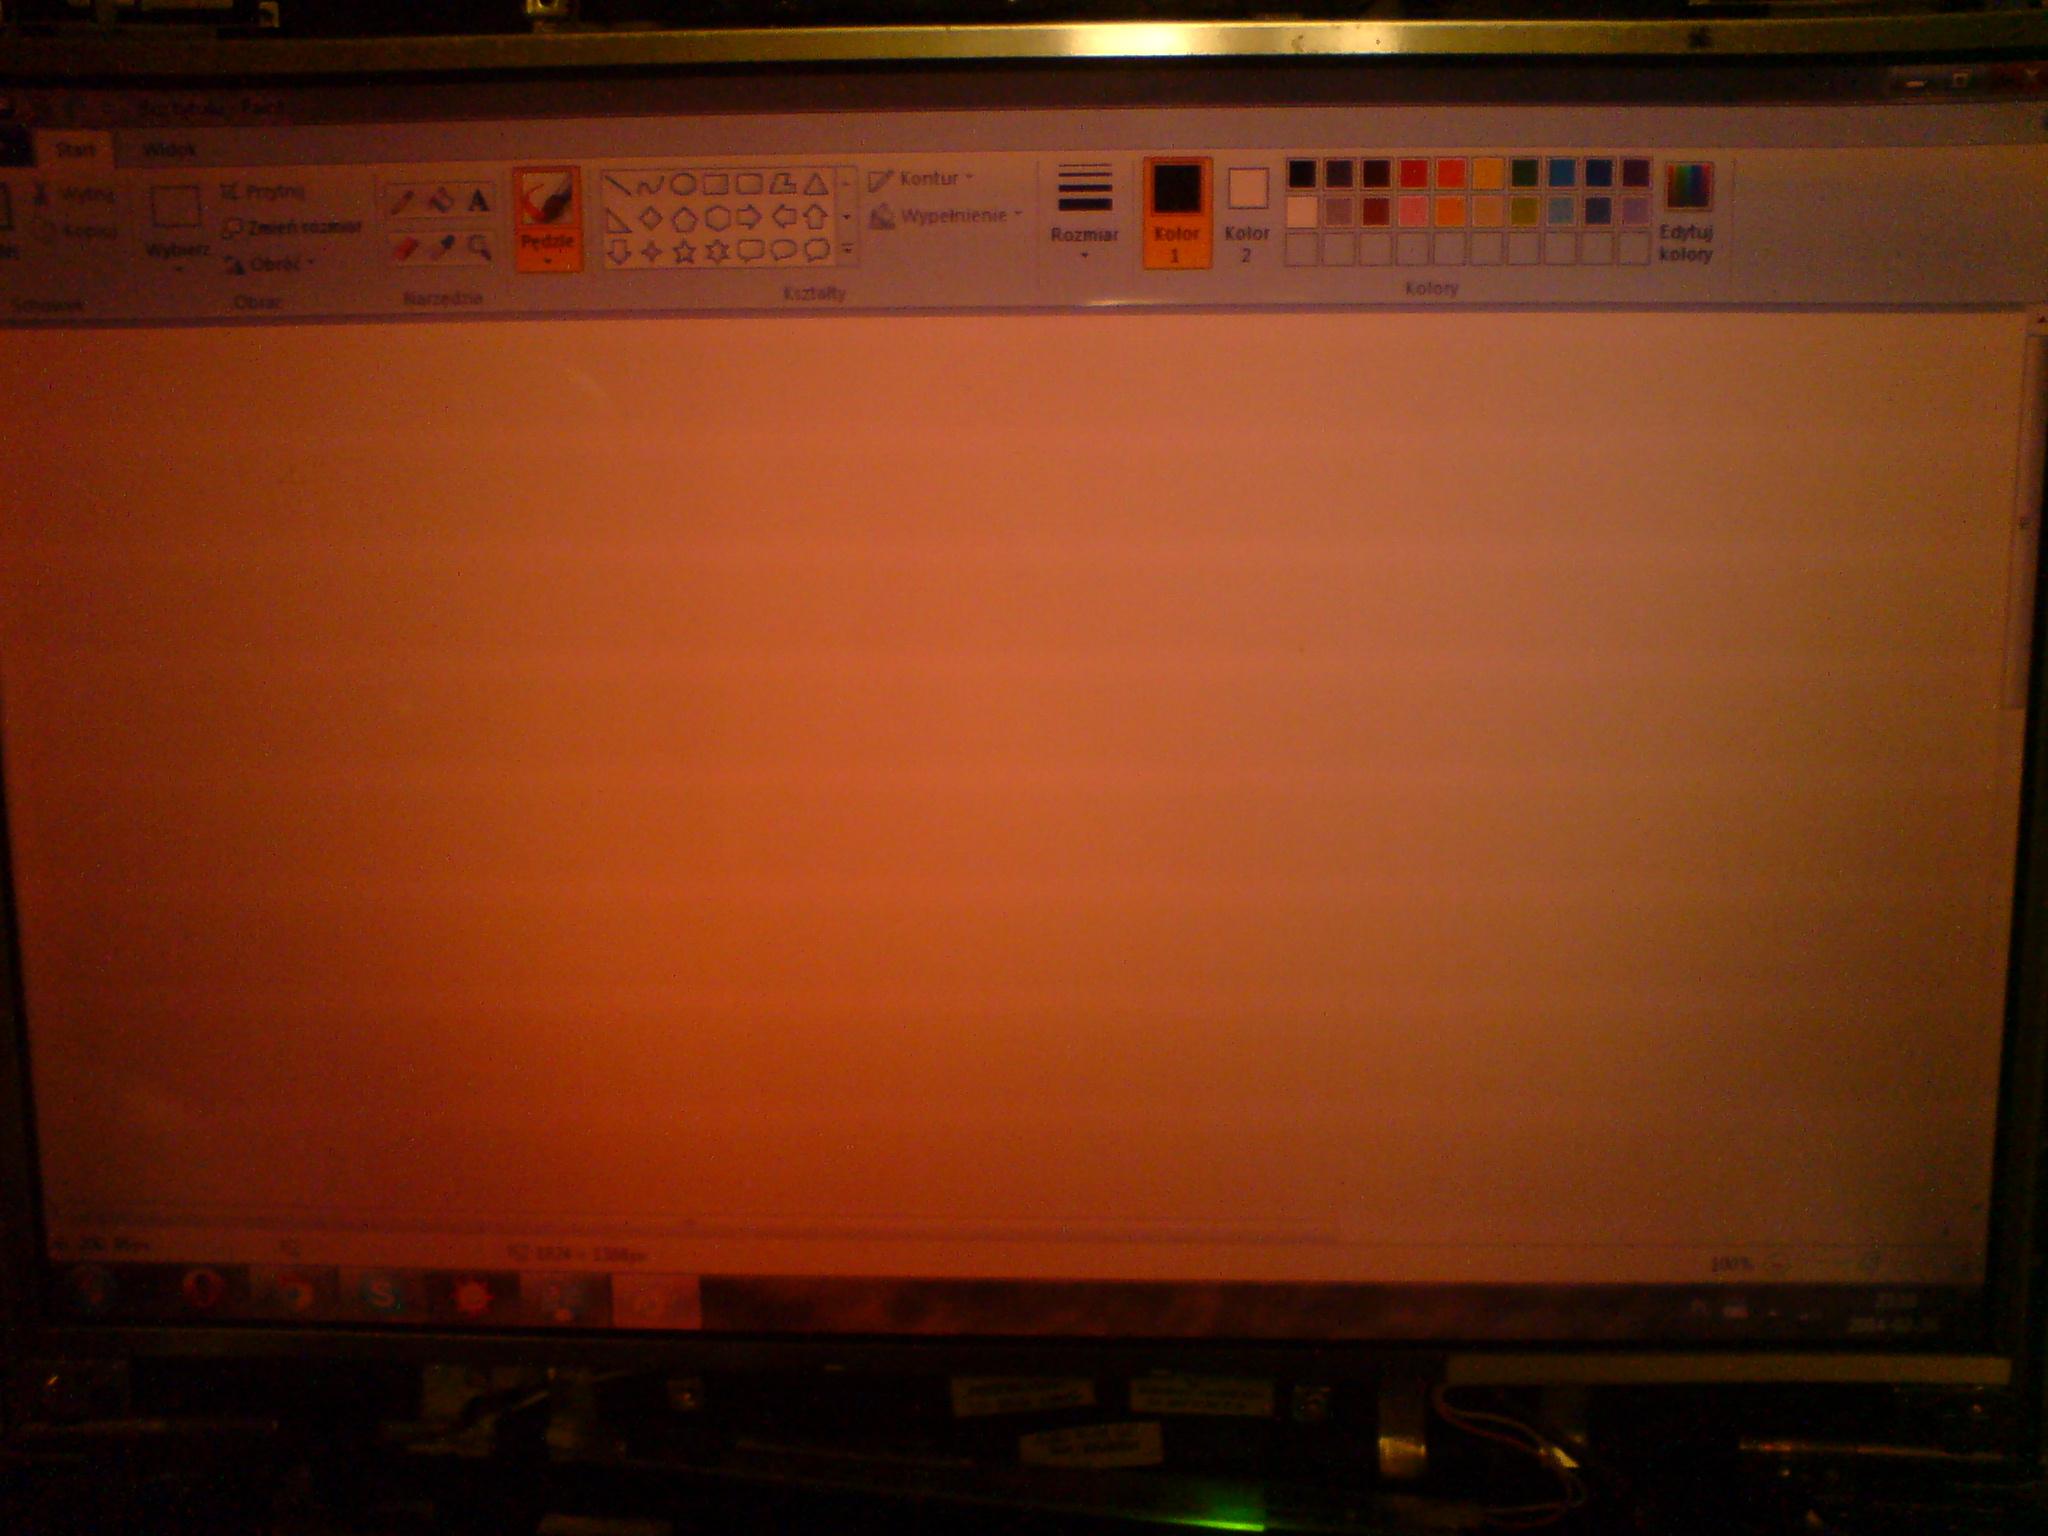 Acer aspire 3690 BL50 - Czerwony ekran, brak pod�wietlenia.